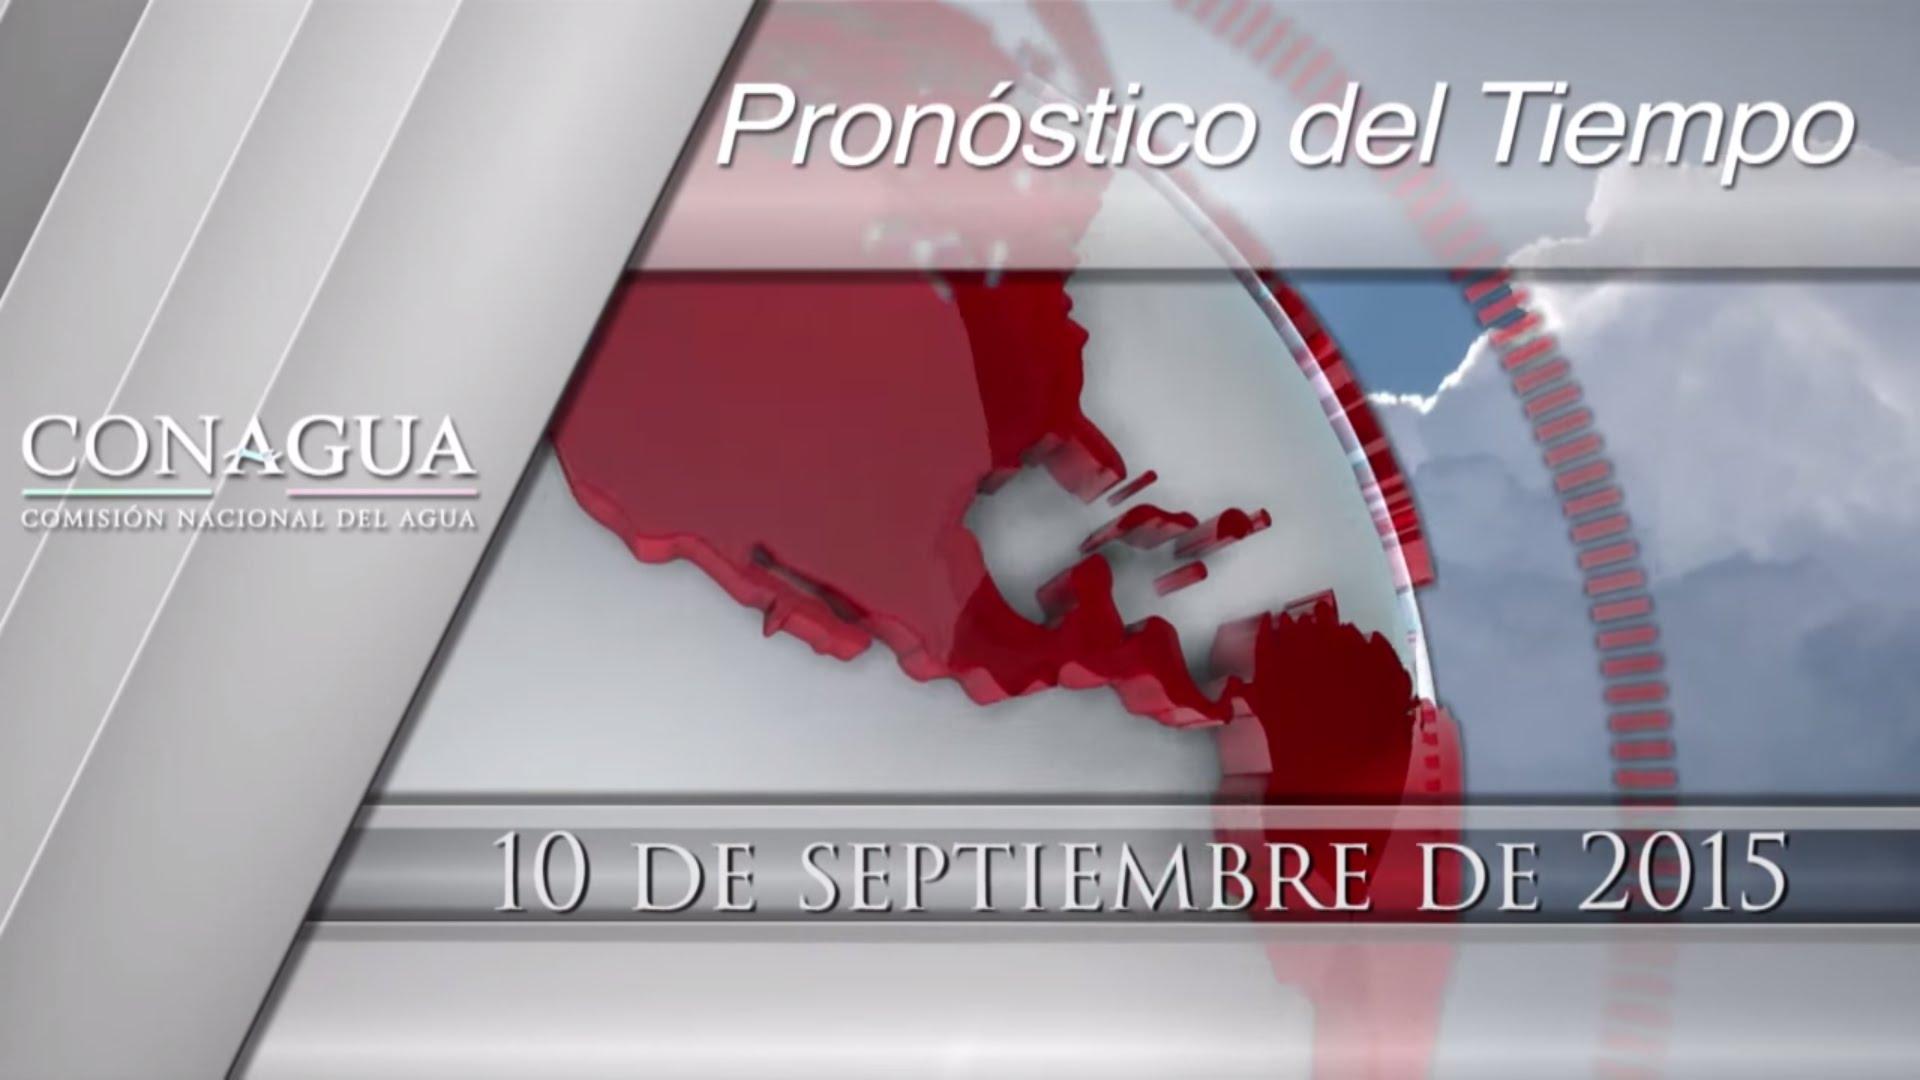 Pron stico del tiempo m xico 10 de septiembre radio for Pronostico del tiempo accuweather